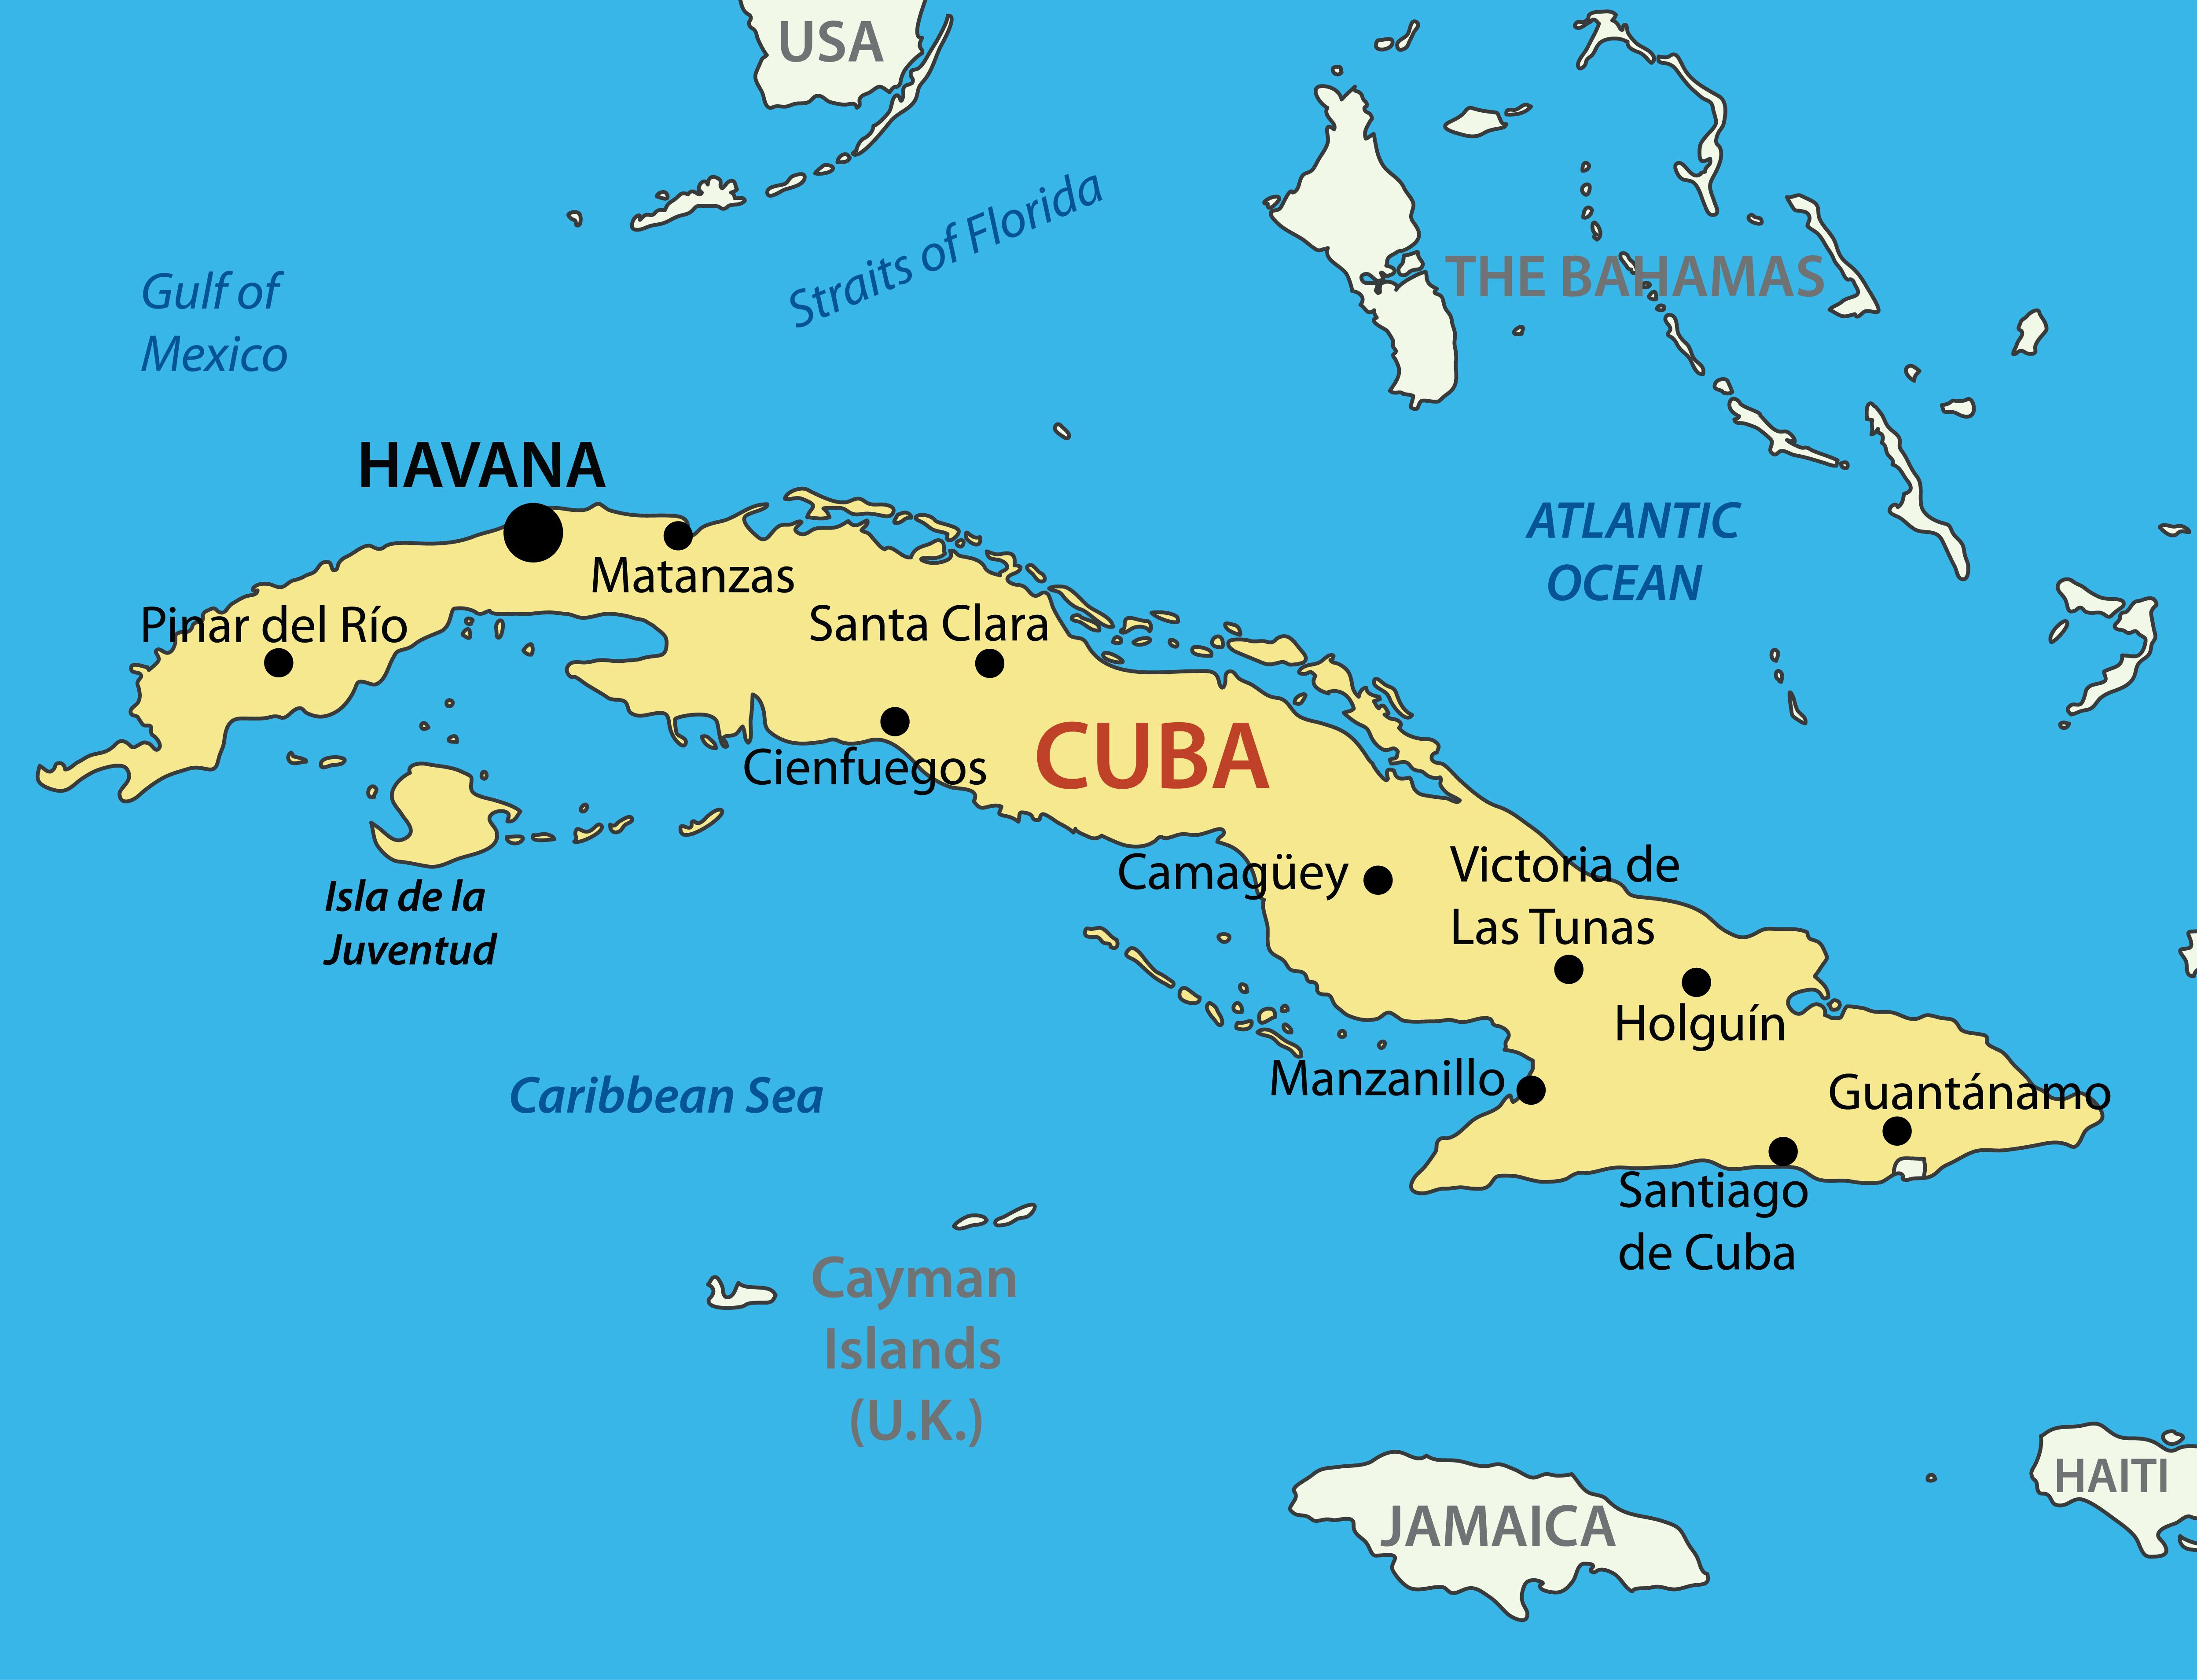 MAPPA DI CUBA